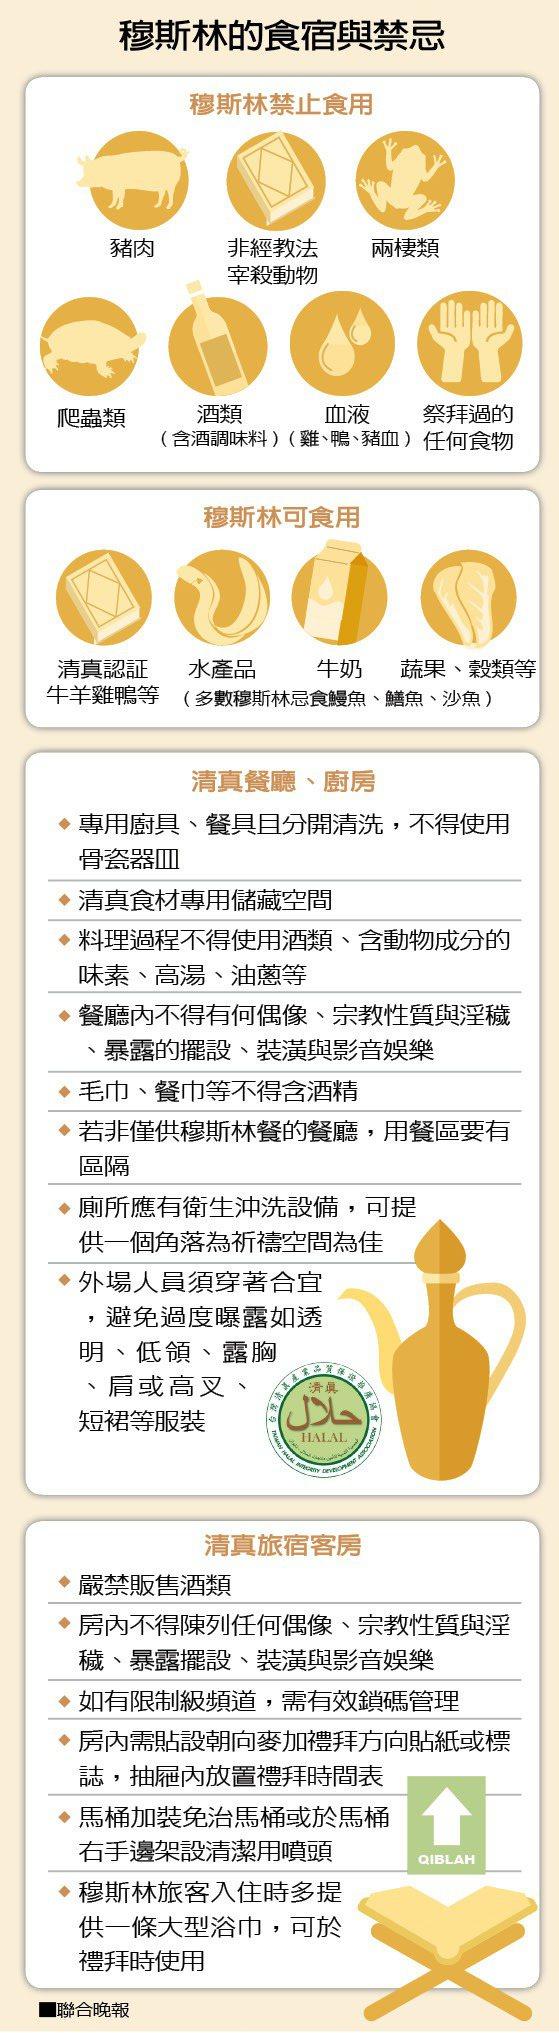 資料來源/萬事達卡組織、觀光局、中國回教協會